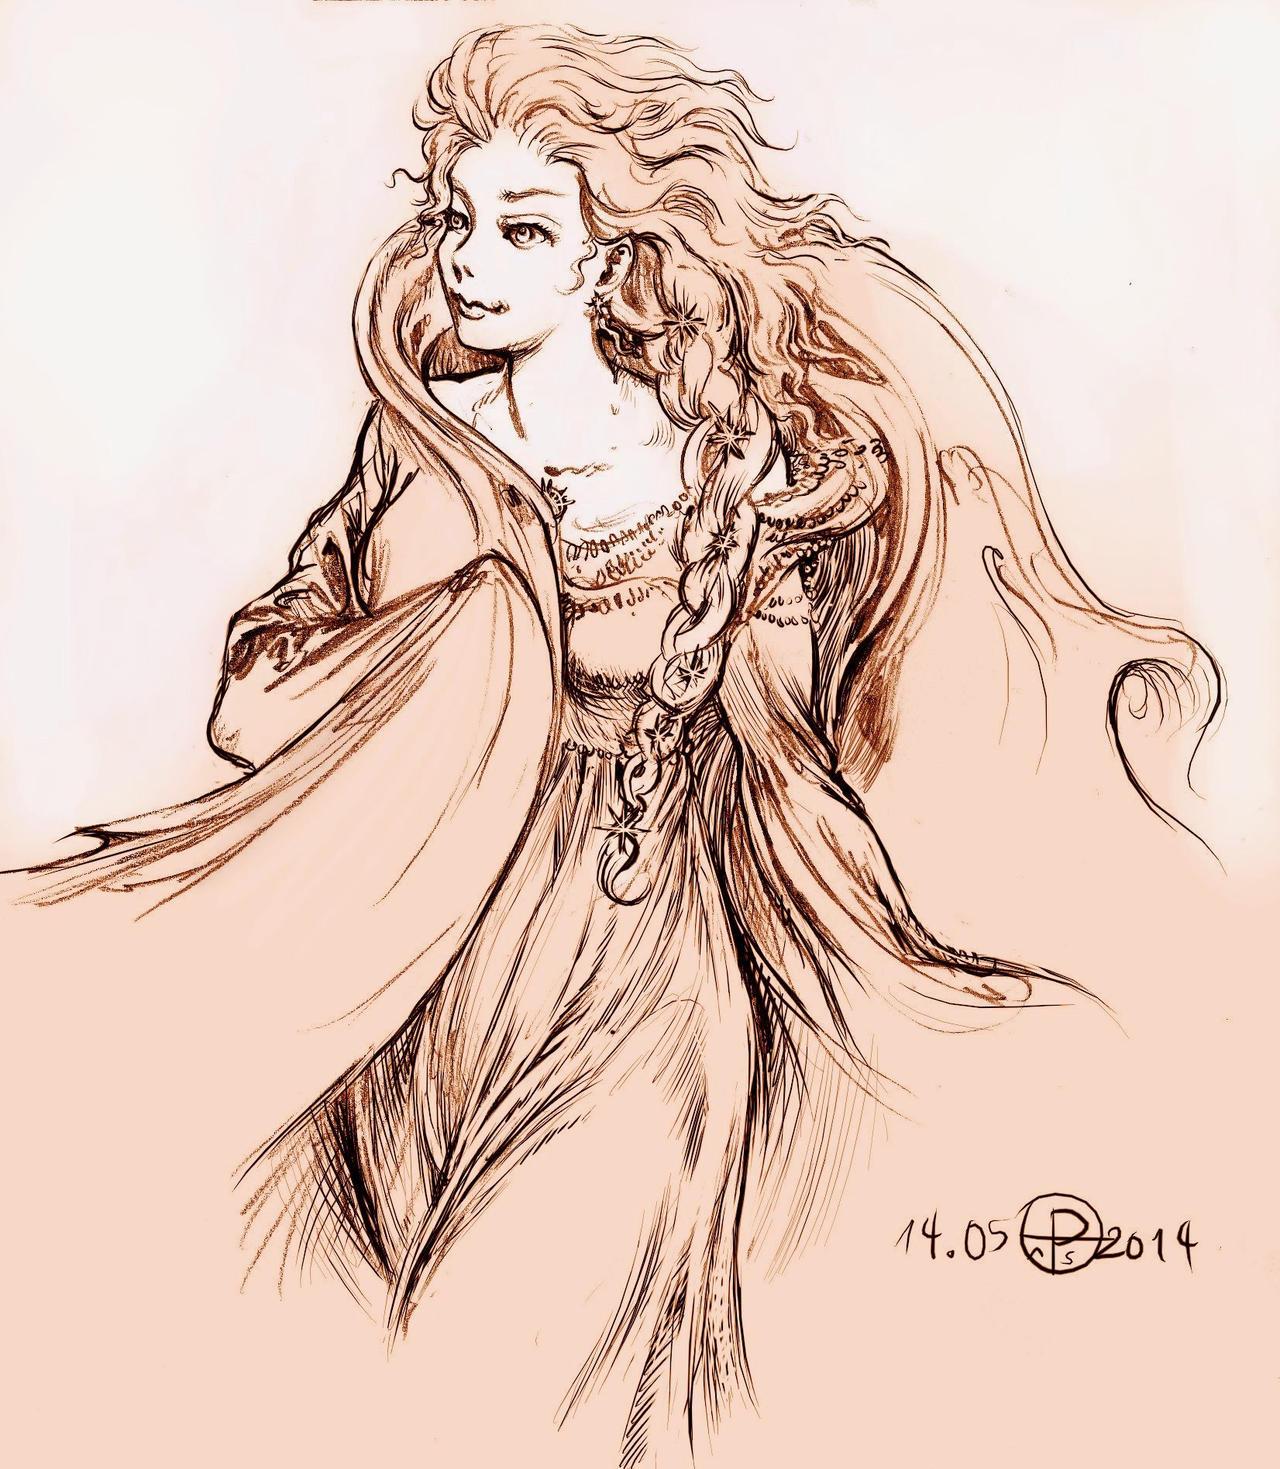 Line Art Queen : Queen elsa line art ii by phallusdei on deviantart